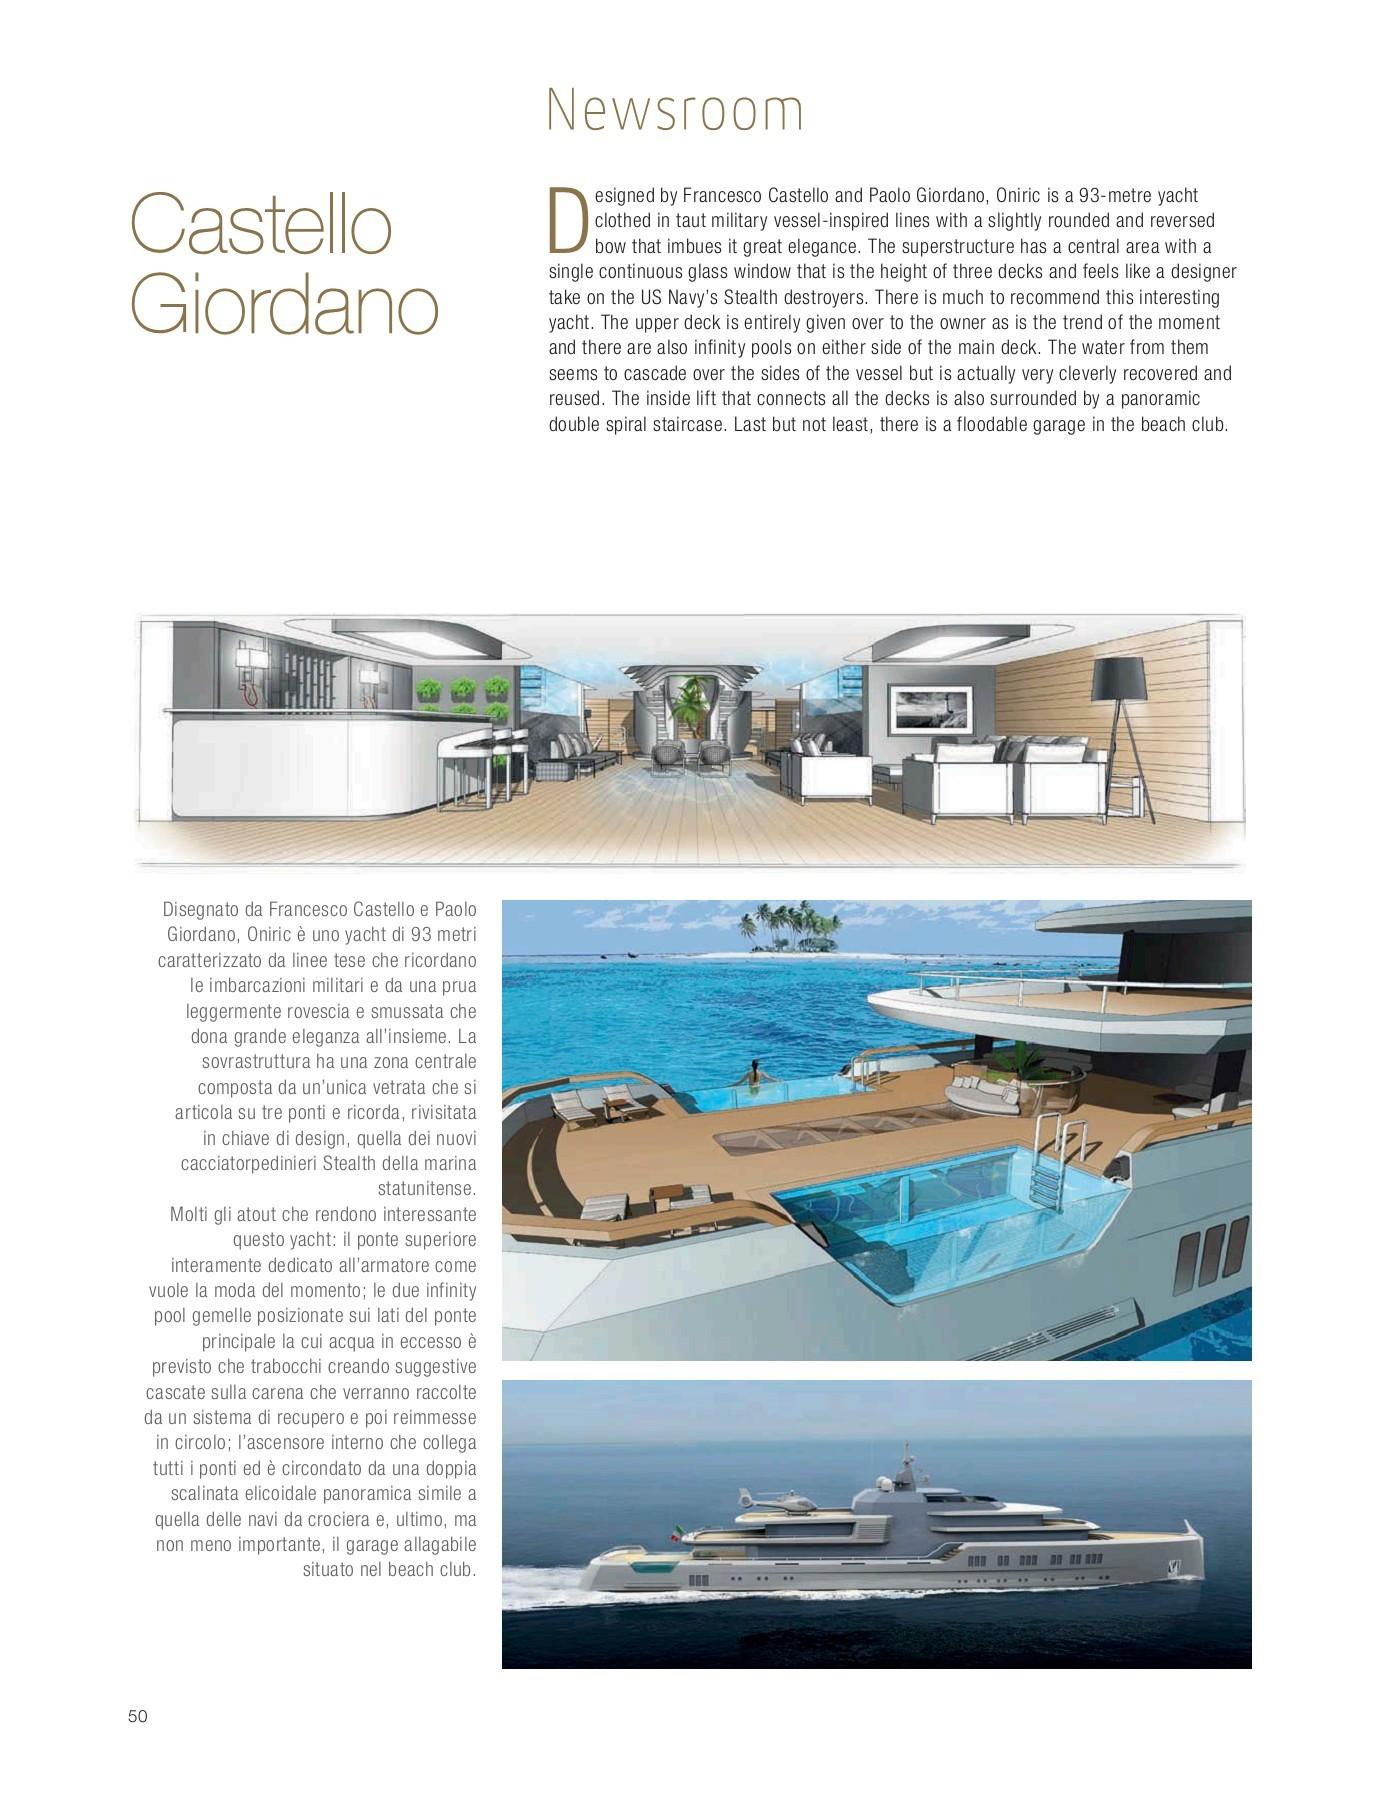 Altezza Posizionamento Split top_yacht_design_n_17_-_maggio_2019-flip book pages 51-100